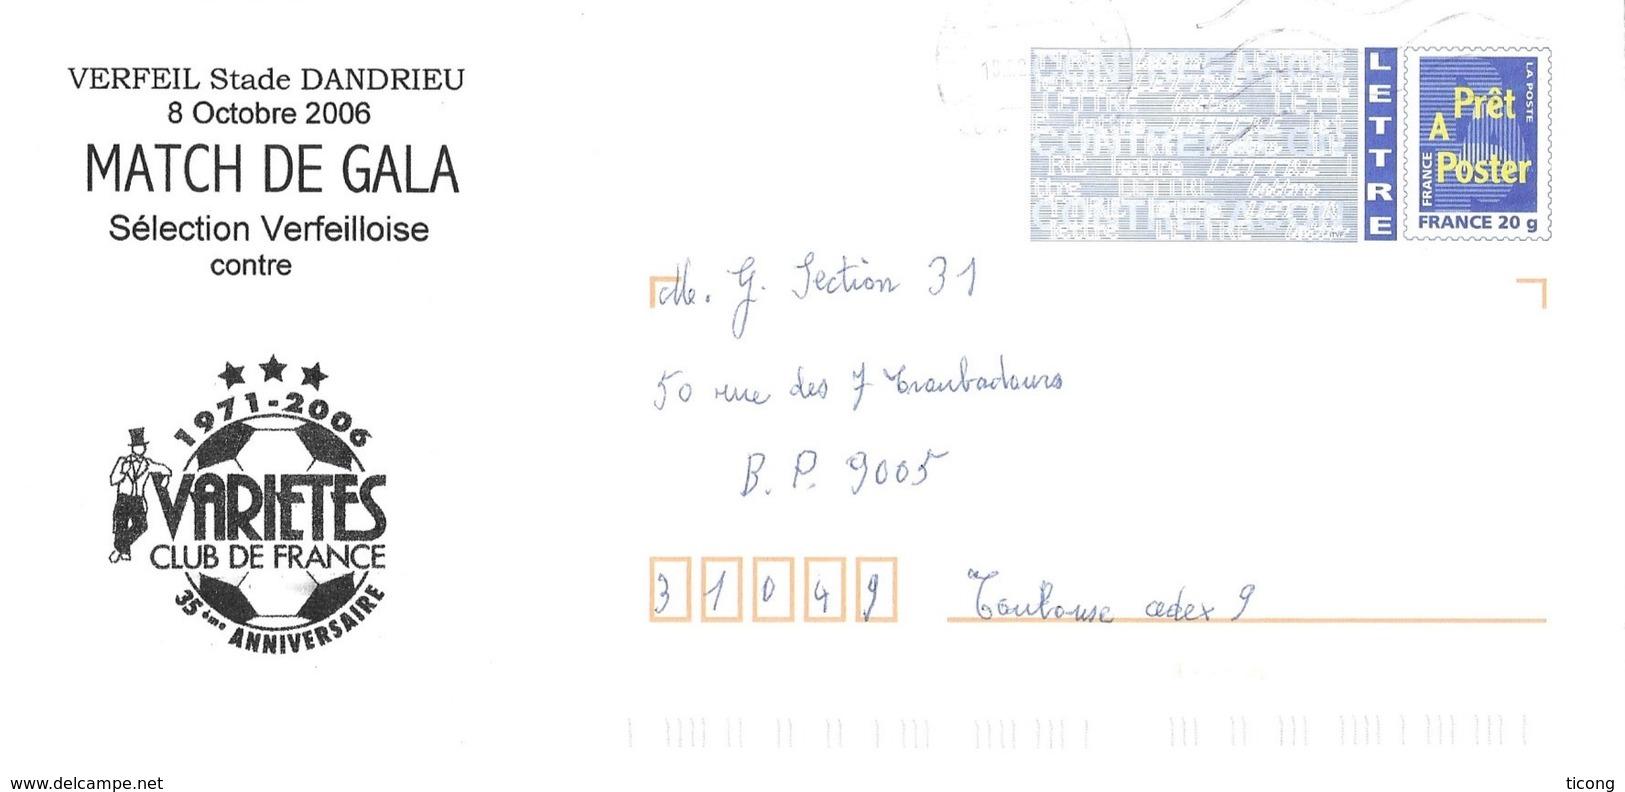 VERFEIL HAUTE GARONNE - FOOTBALL VERFEIL CONTRE VARIETES CLUB DE FRANCE 8 OCTOBRE 2006, BALLON, PAP ENTIER POSTAL A VOIR - Voetbal